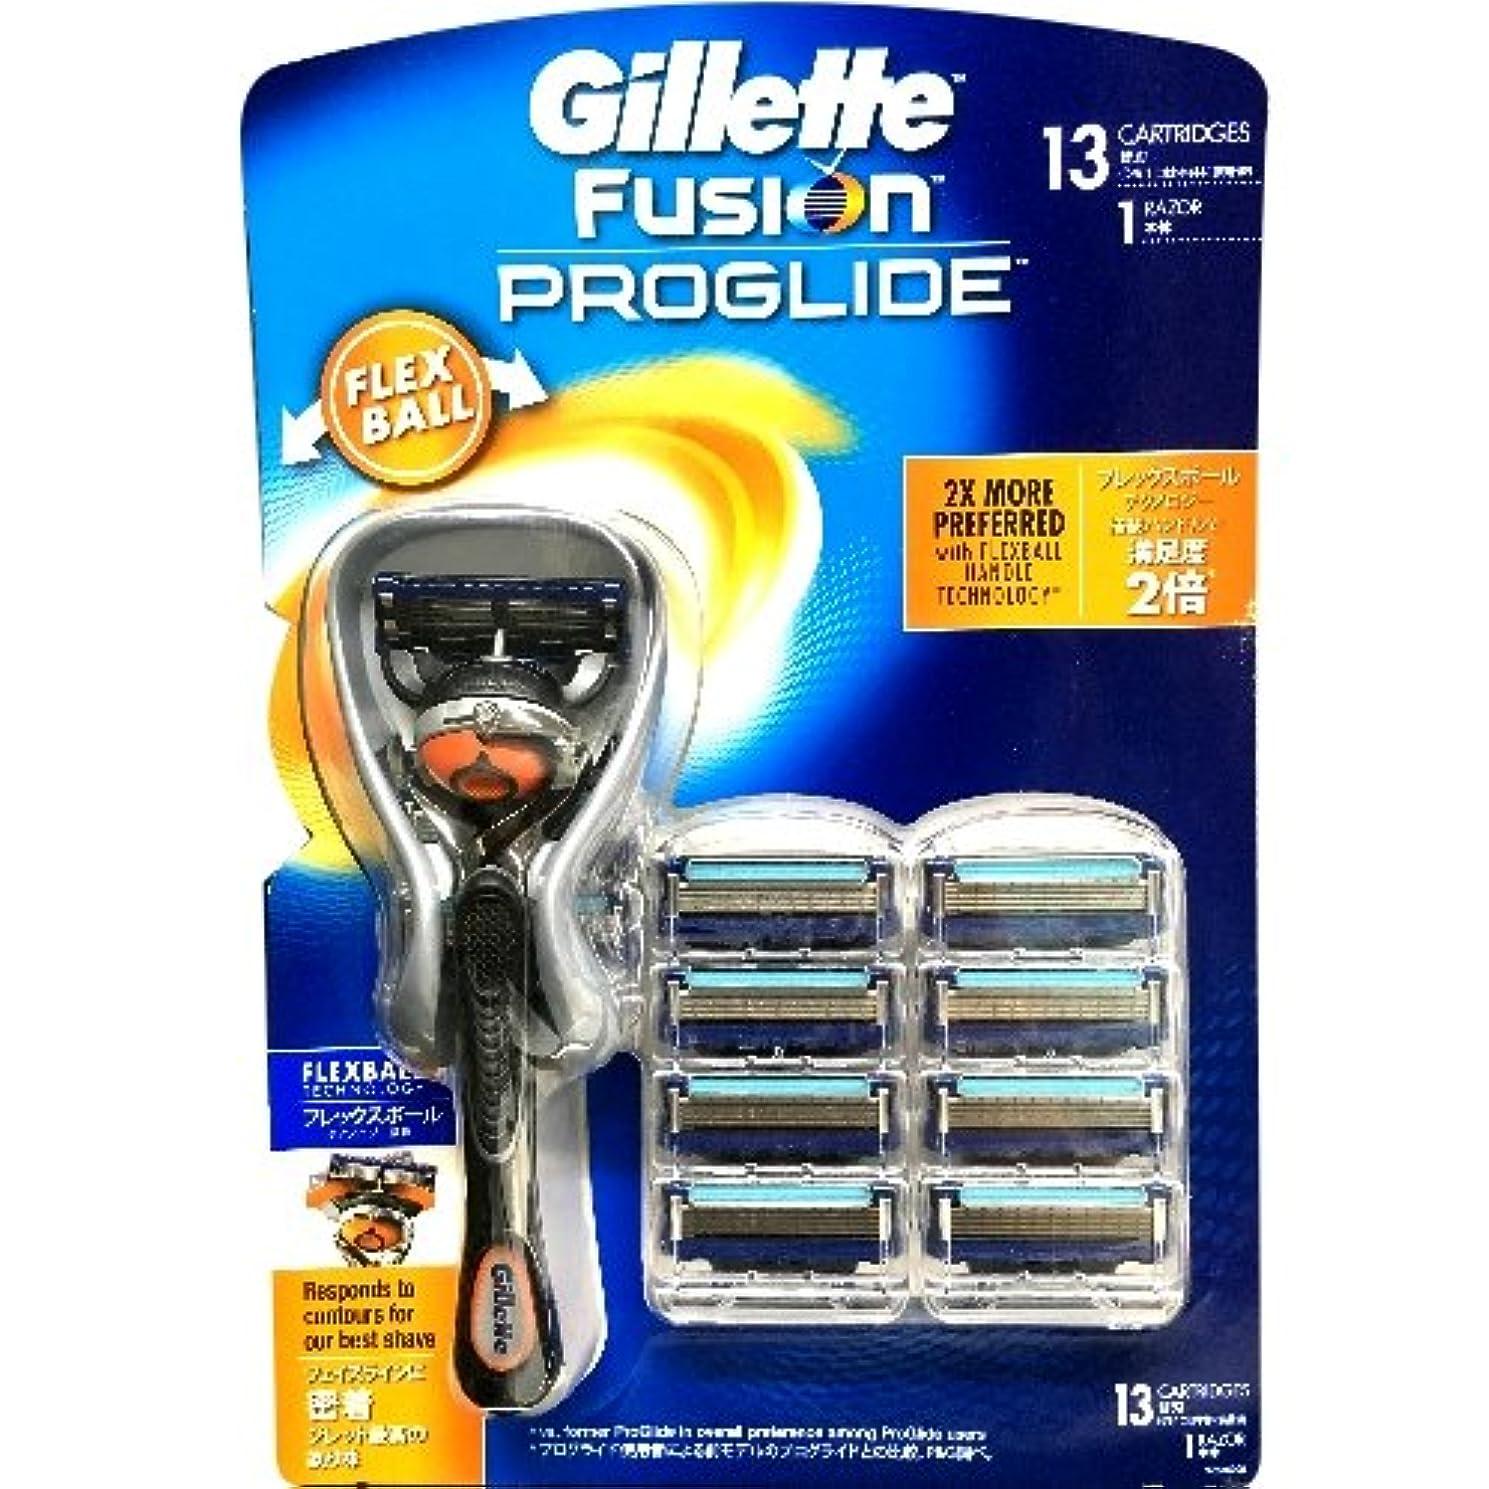 雇う予防接種予防接種Gillette Fusion PROGLIDE ジレット フュージョン プログライド フレックスボール マニュアル ひげ剃り シェーピング 替刃13コ